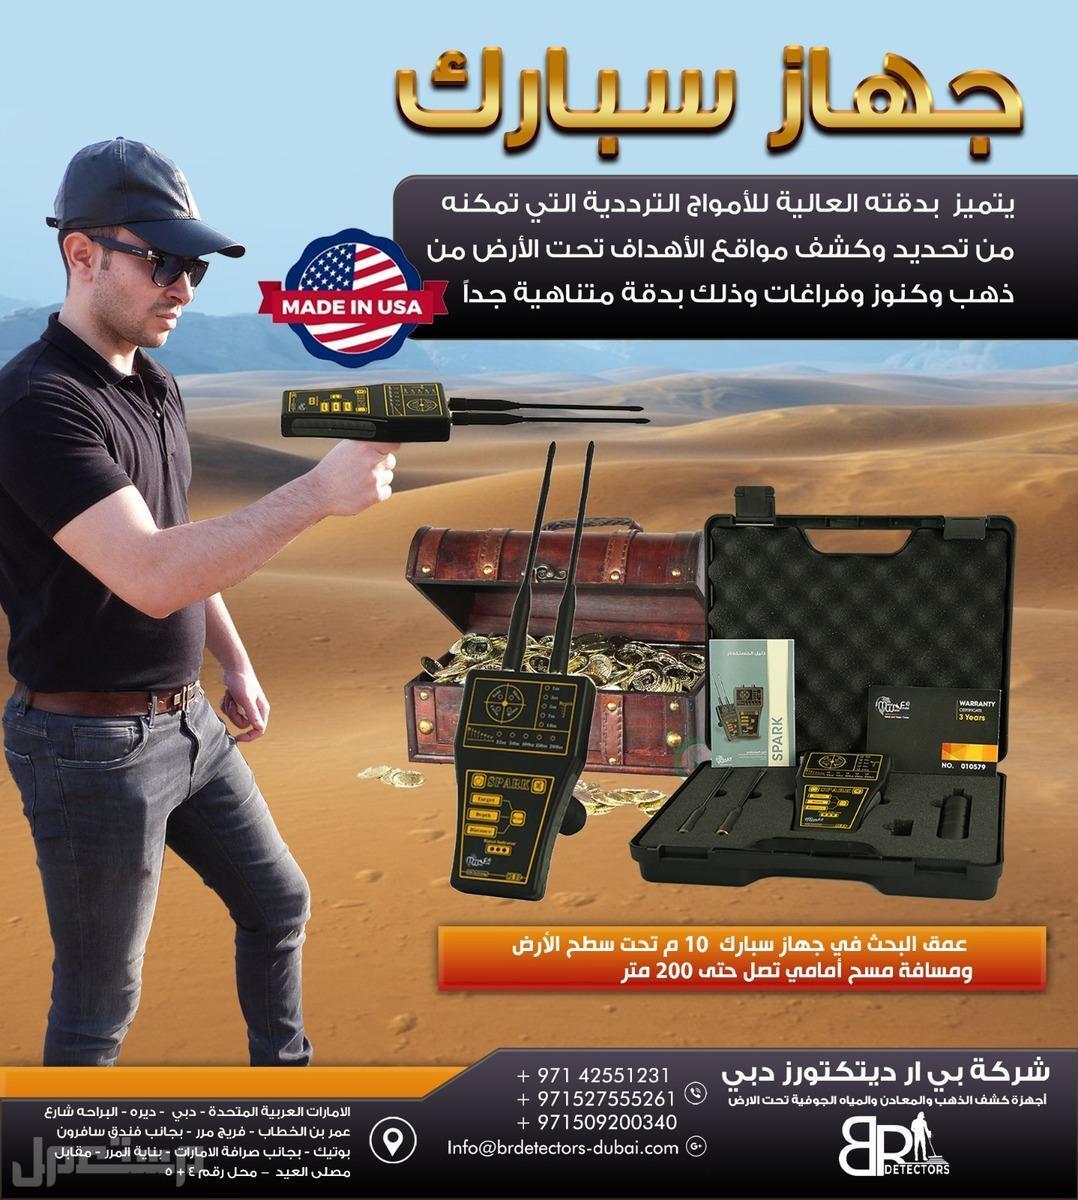 جهاز كشف معدن الذهب فقط في السعودية جهاز كشف معدن الذهب فقط في السعودية